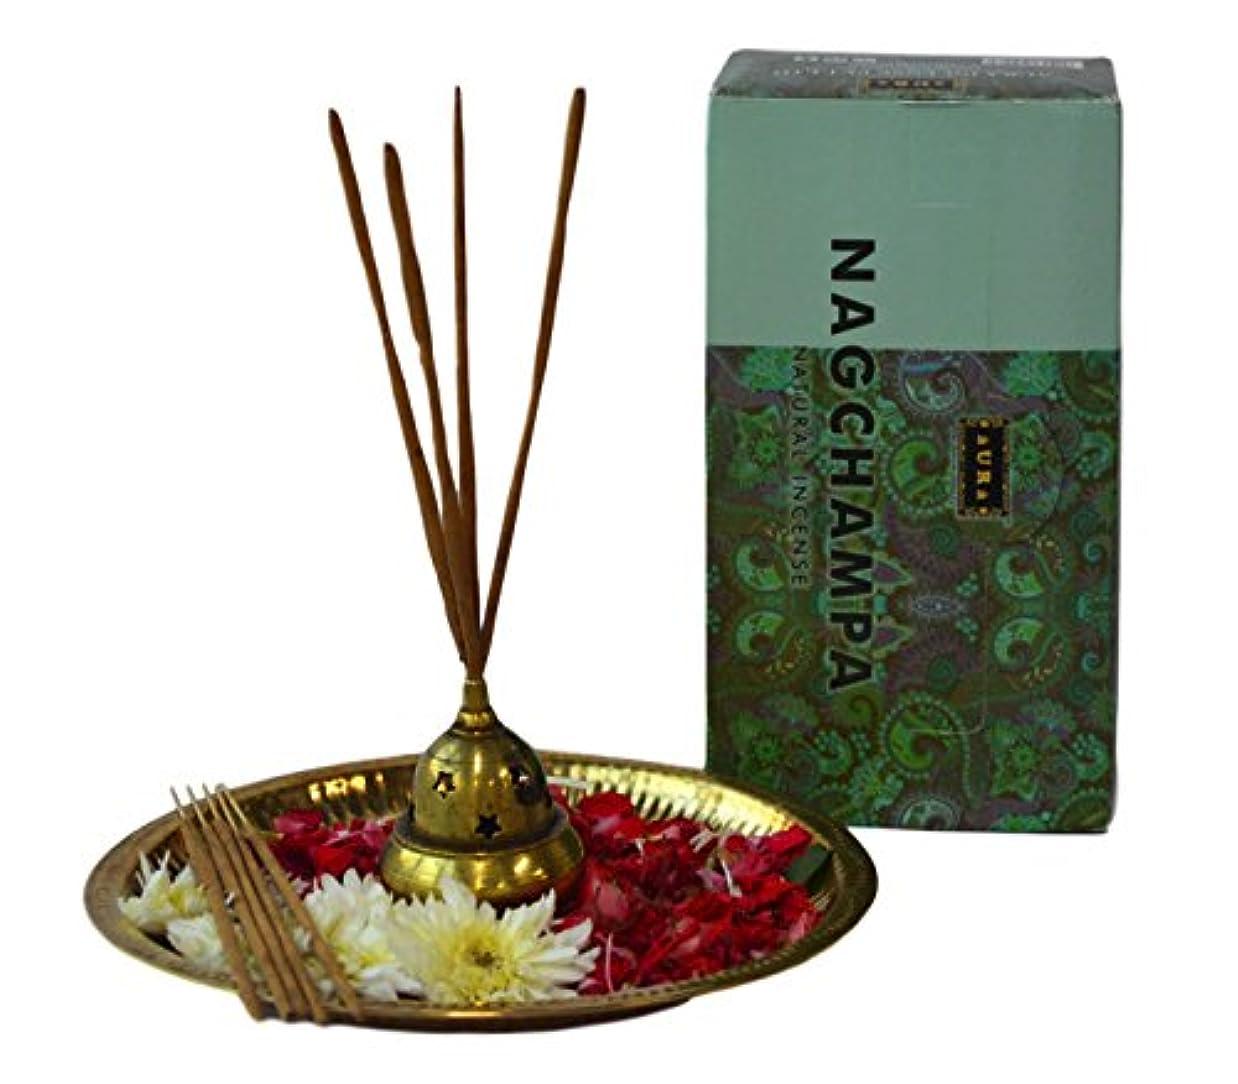 リットル虚弱アライアンスAura Premium Aromatherapy Natural Incense Sticks, Nag Champa Masala Incense Sticks (12 x 15gms),VALUE PACK-120...